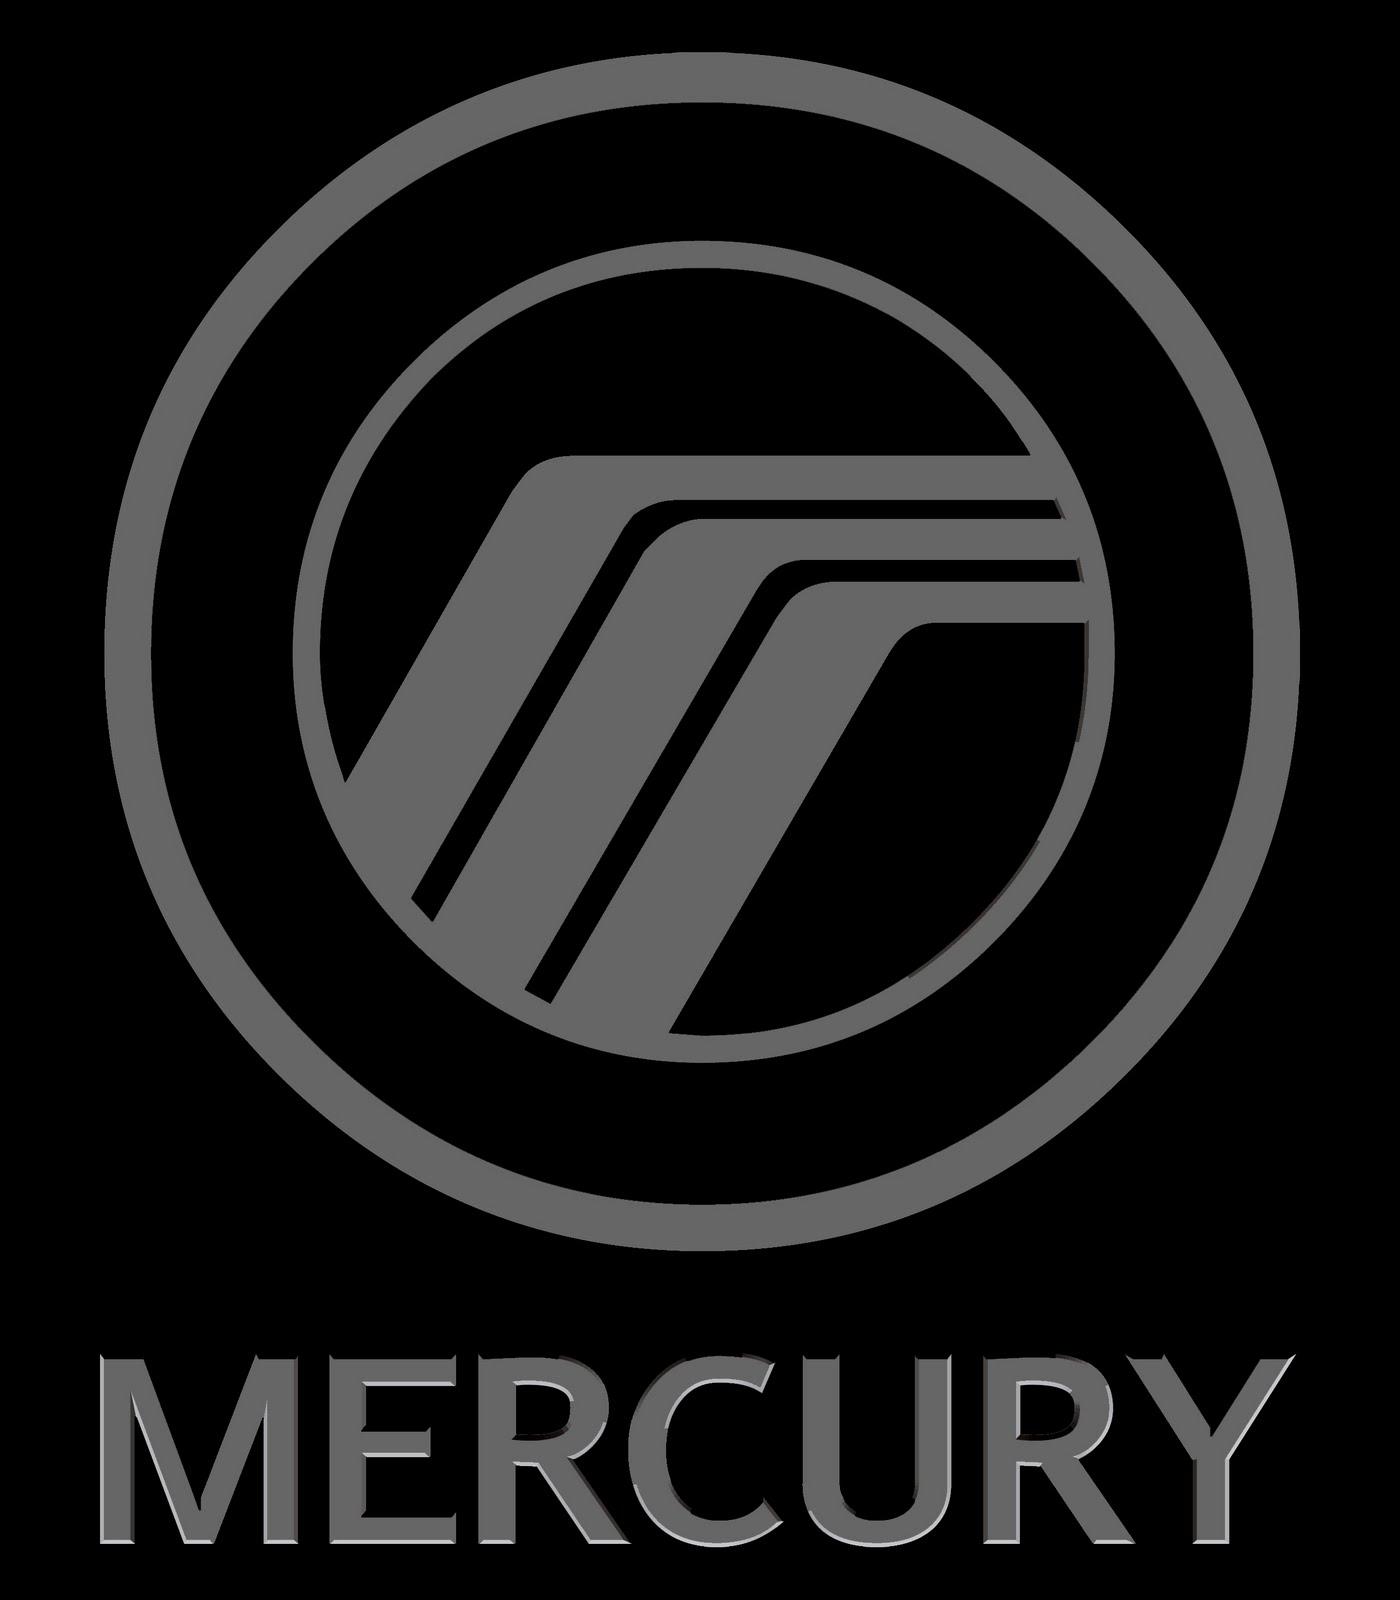 Mercury Logo - Cars Logos